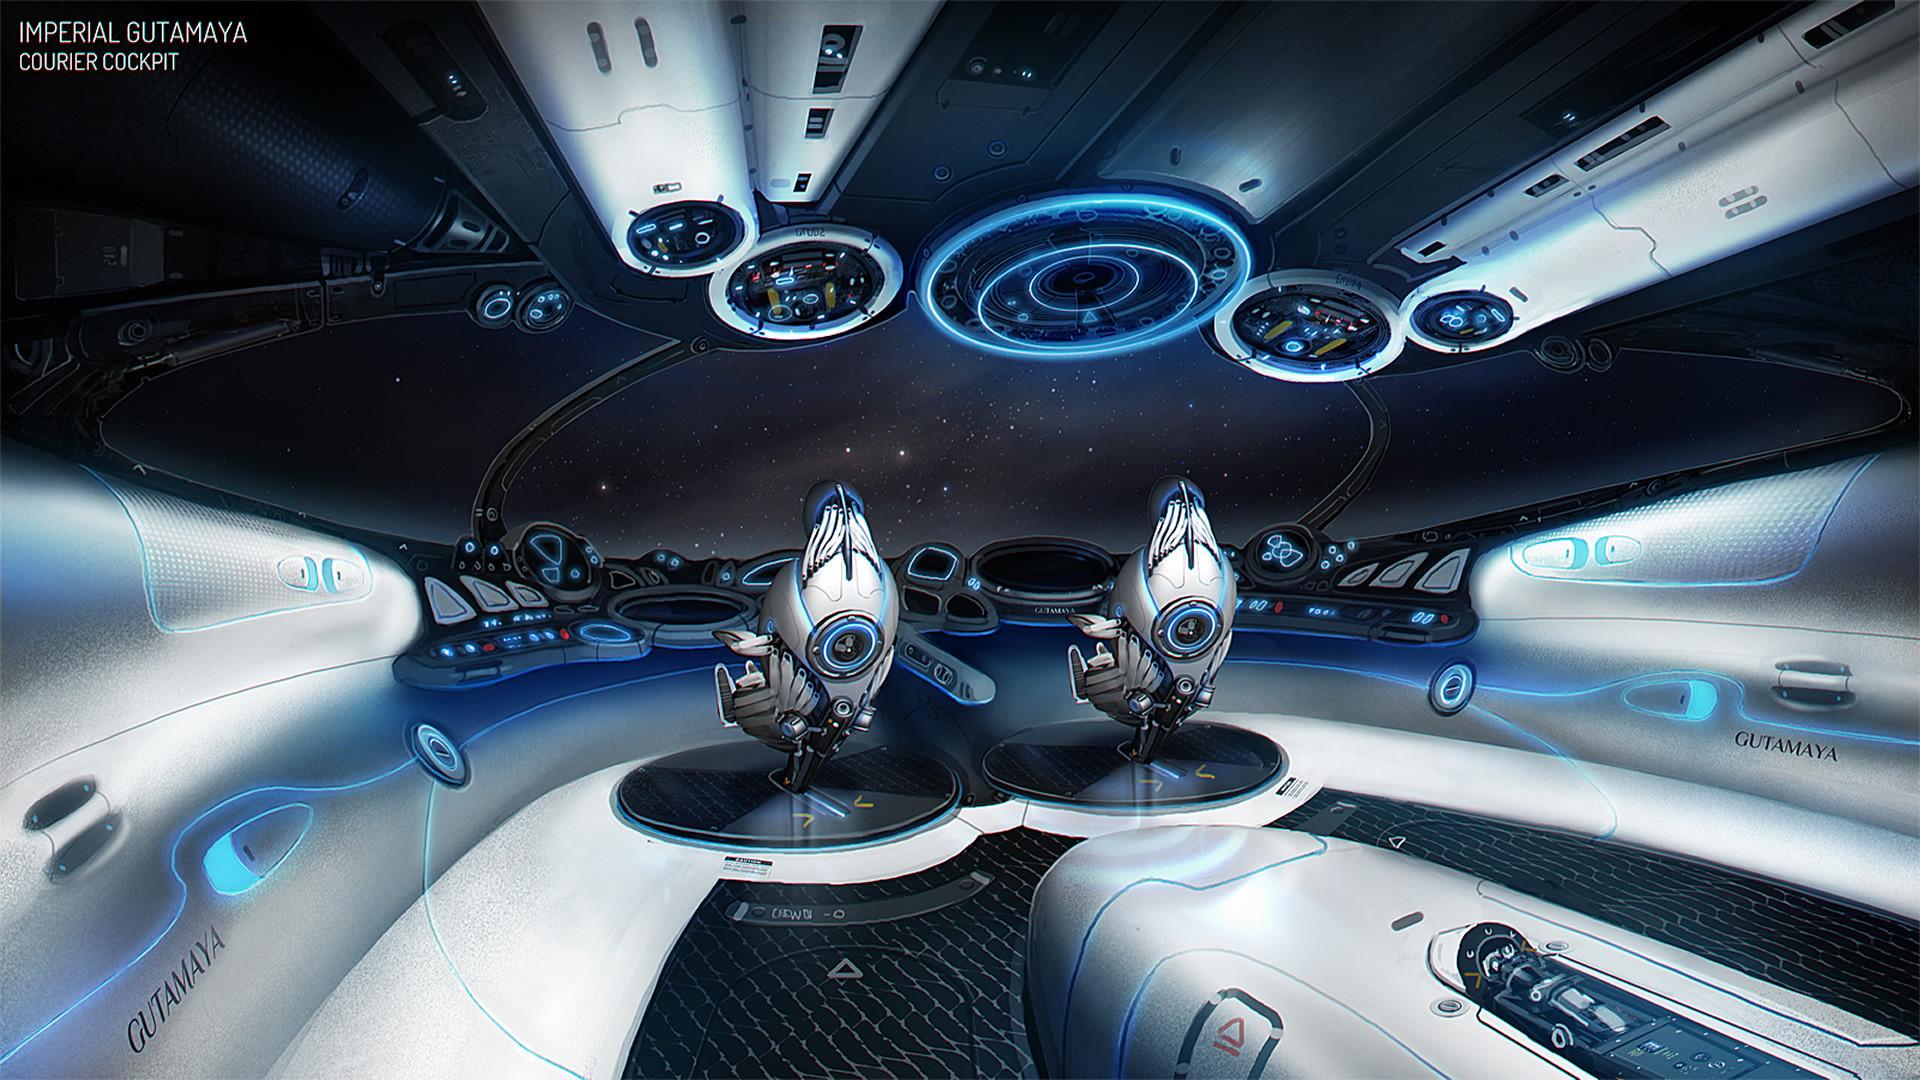 Elite Dangerous Ship cockpit